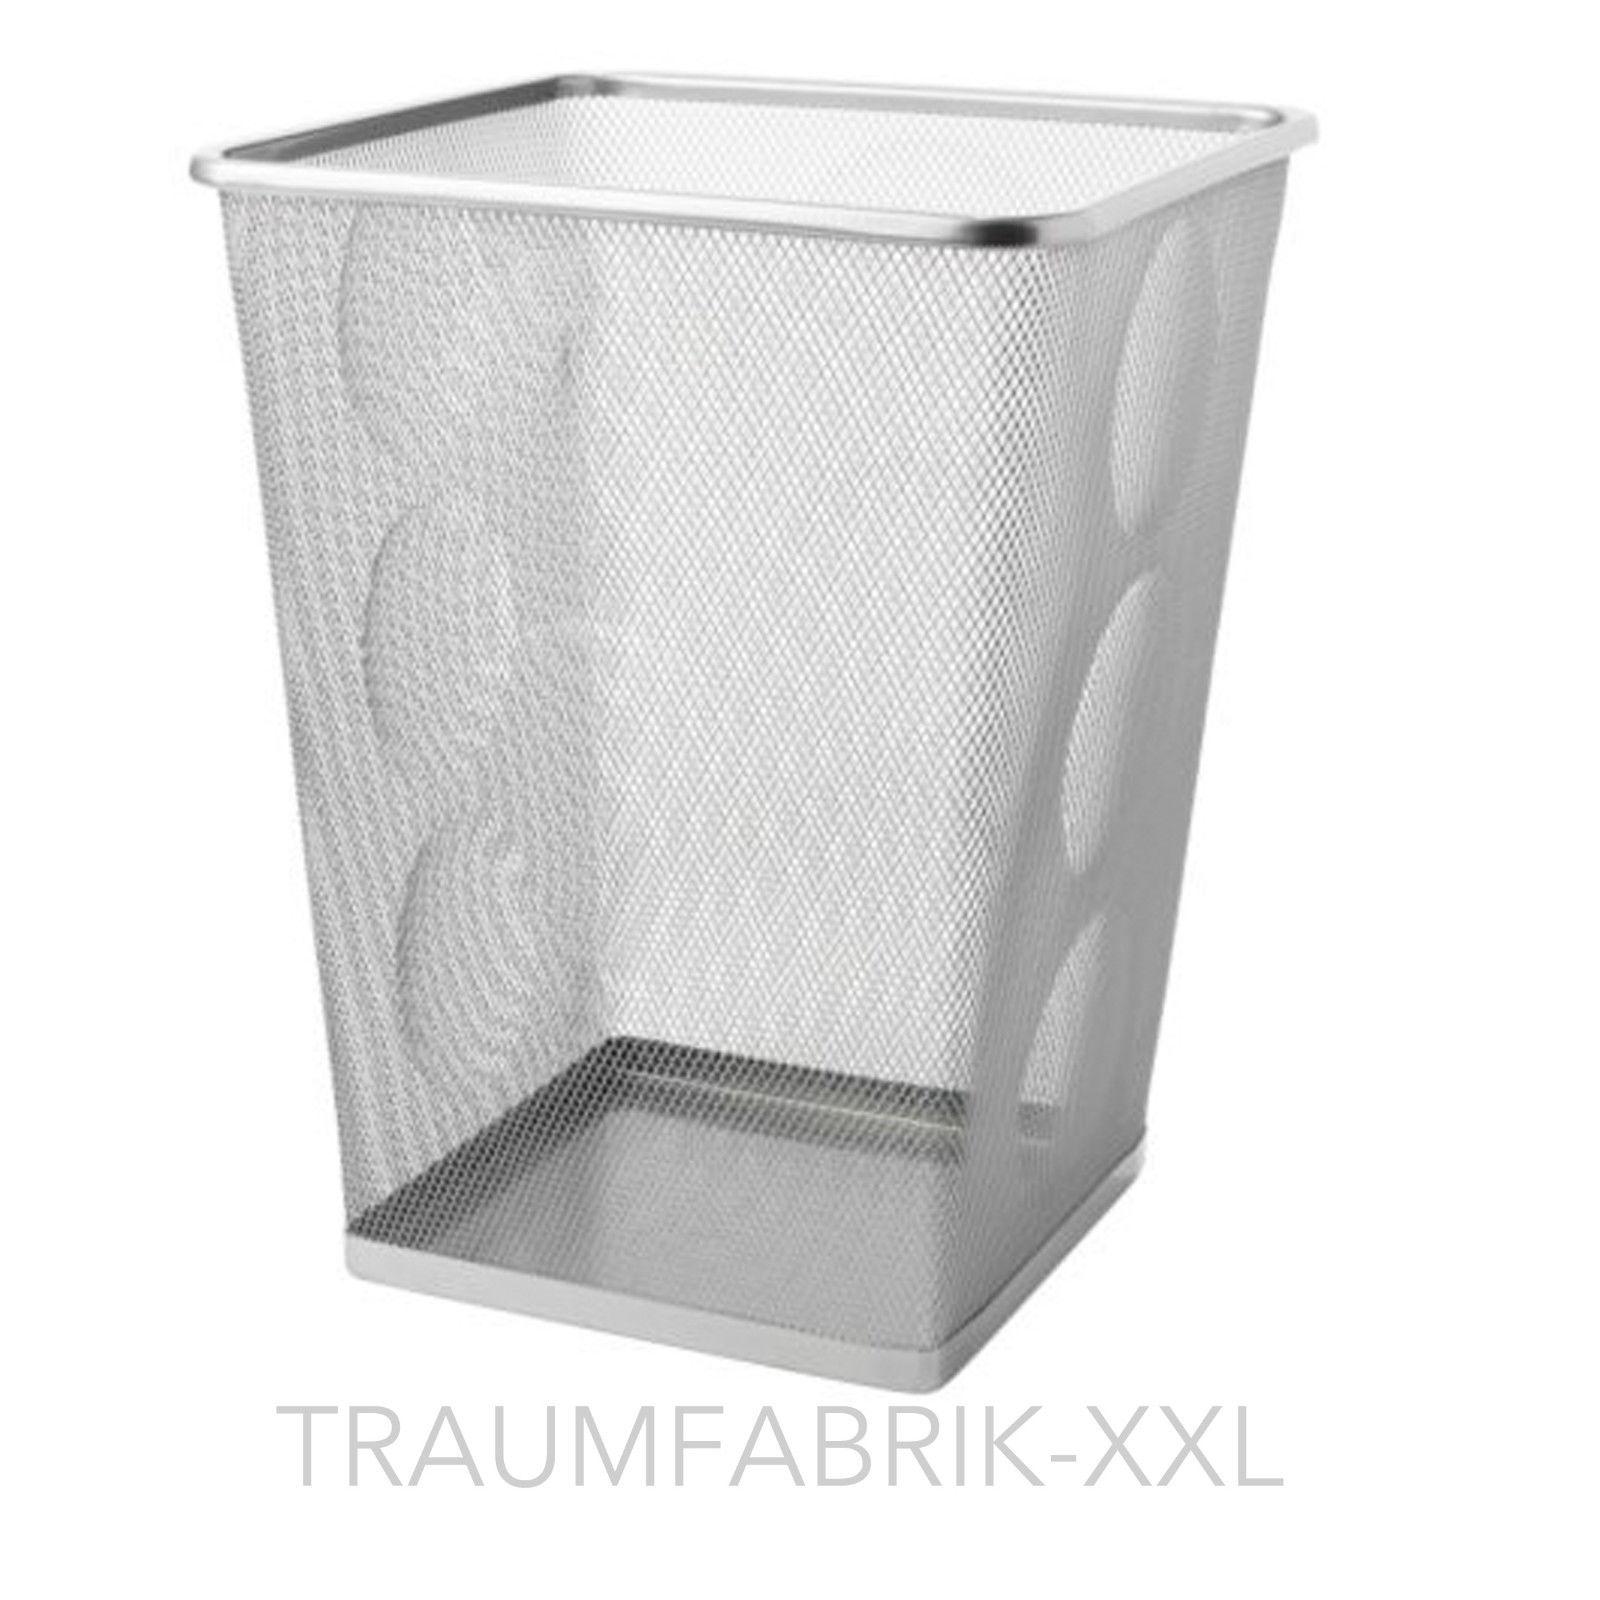 ikea b ro papierkorb silber schreibtischablage korb papier ablagefach metall neu traumfabrik xxl. Black Bedroom Furniture Sets. Home Design Ideas